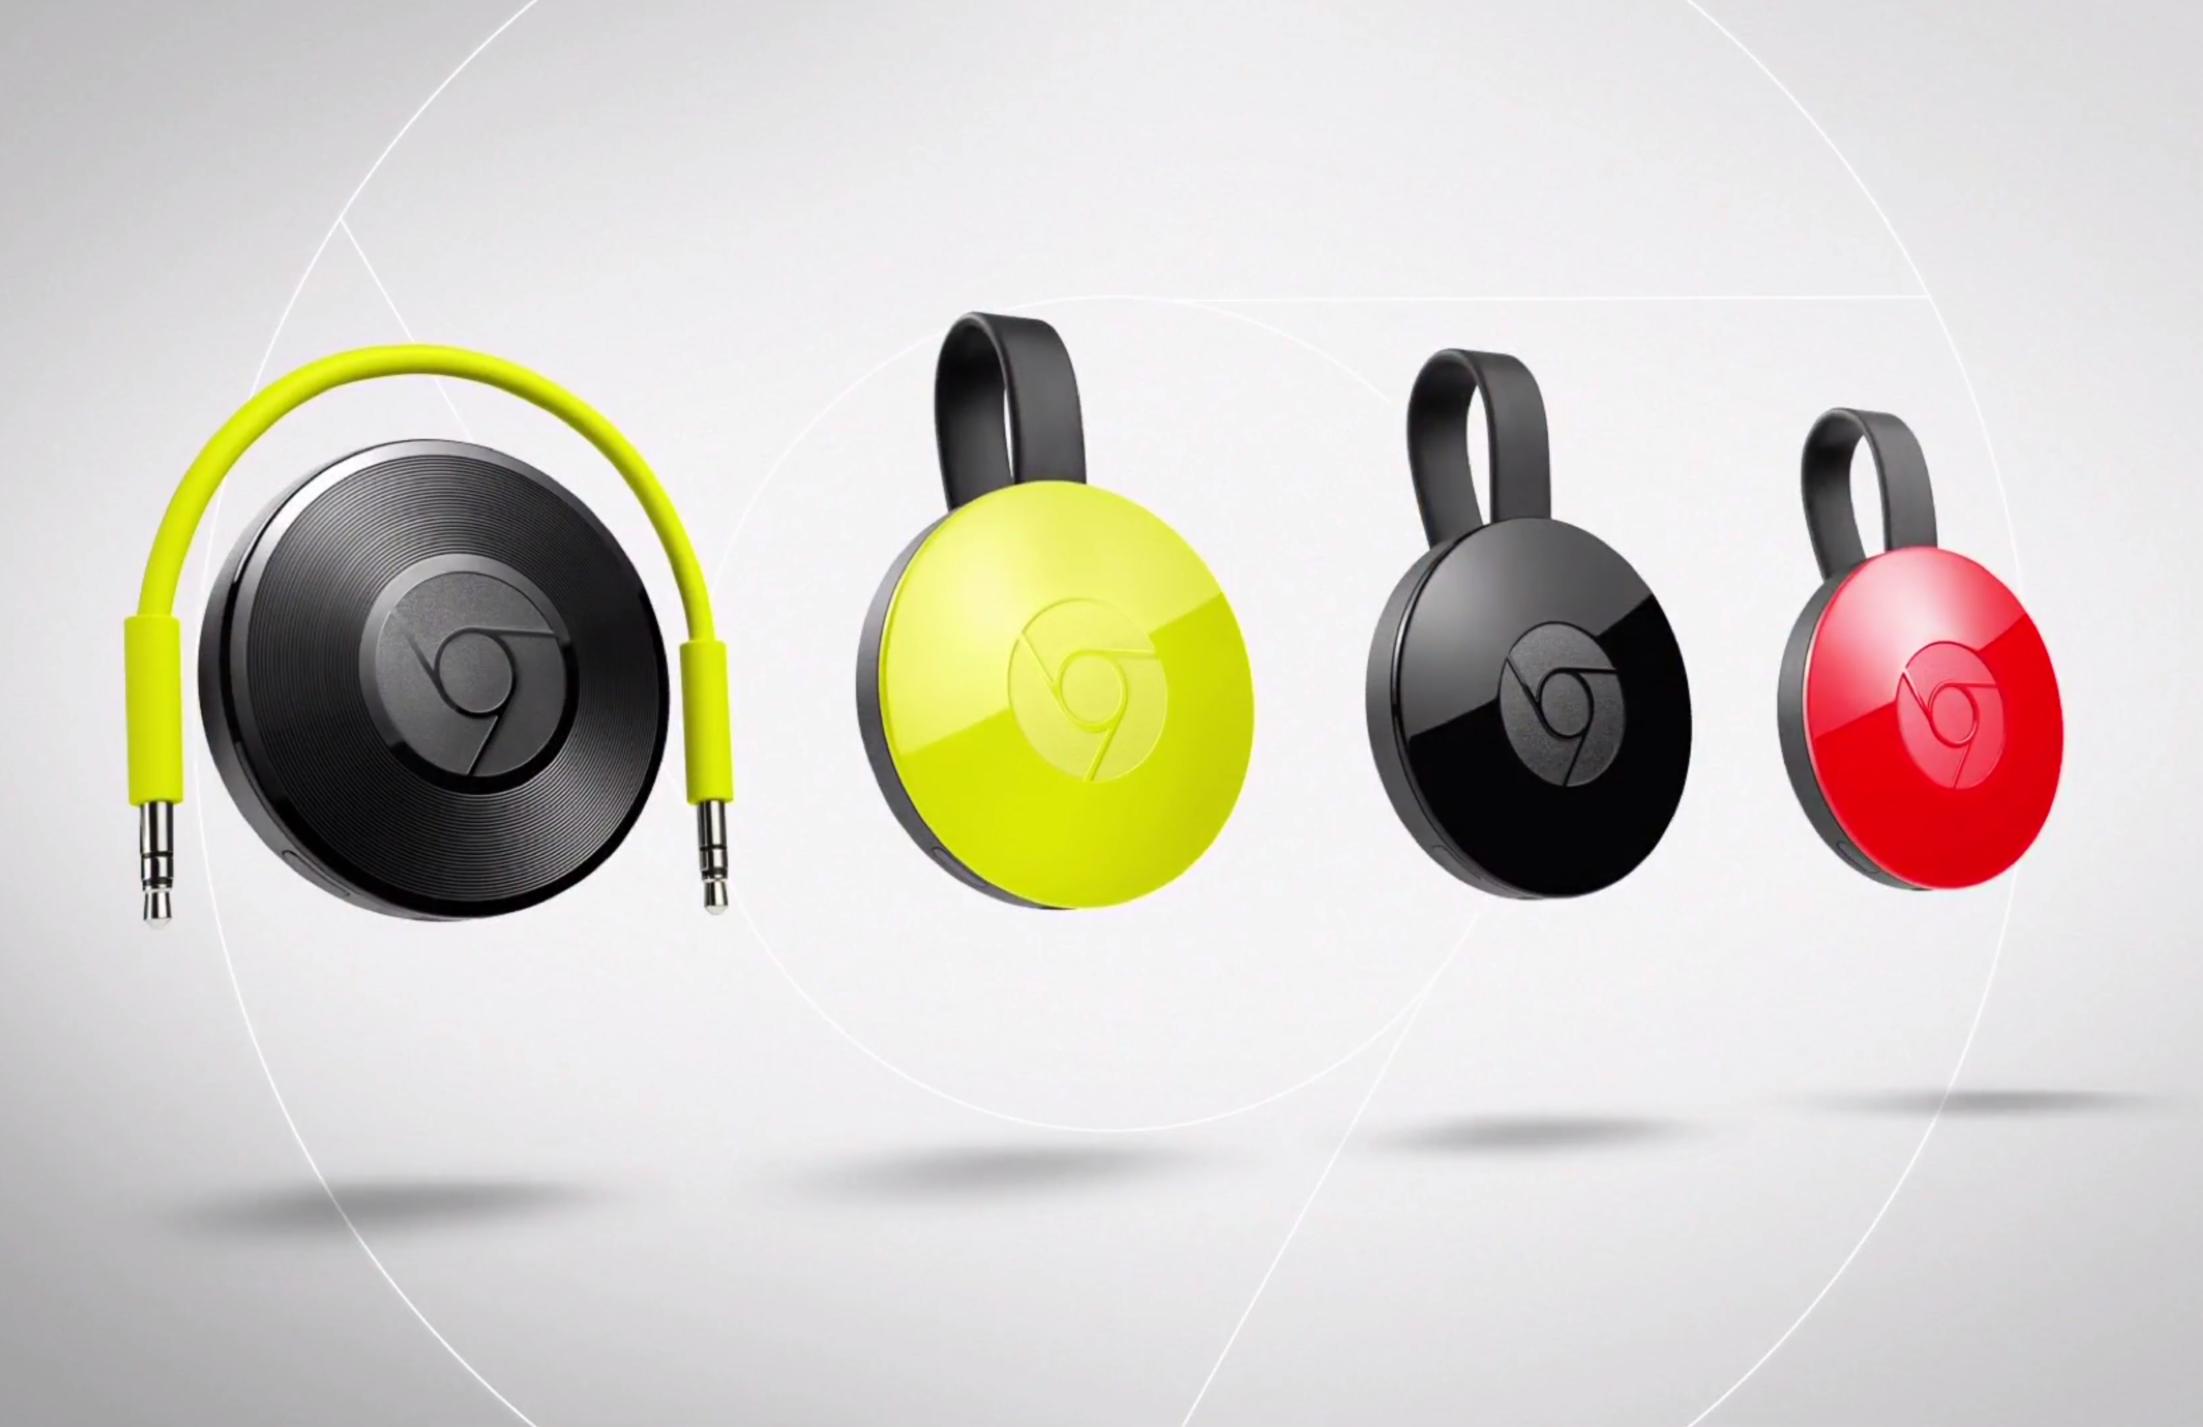 Nye Chromecasts Revealed Chromecast Audio streamer musik-8679